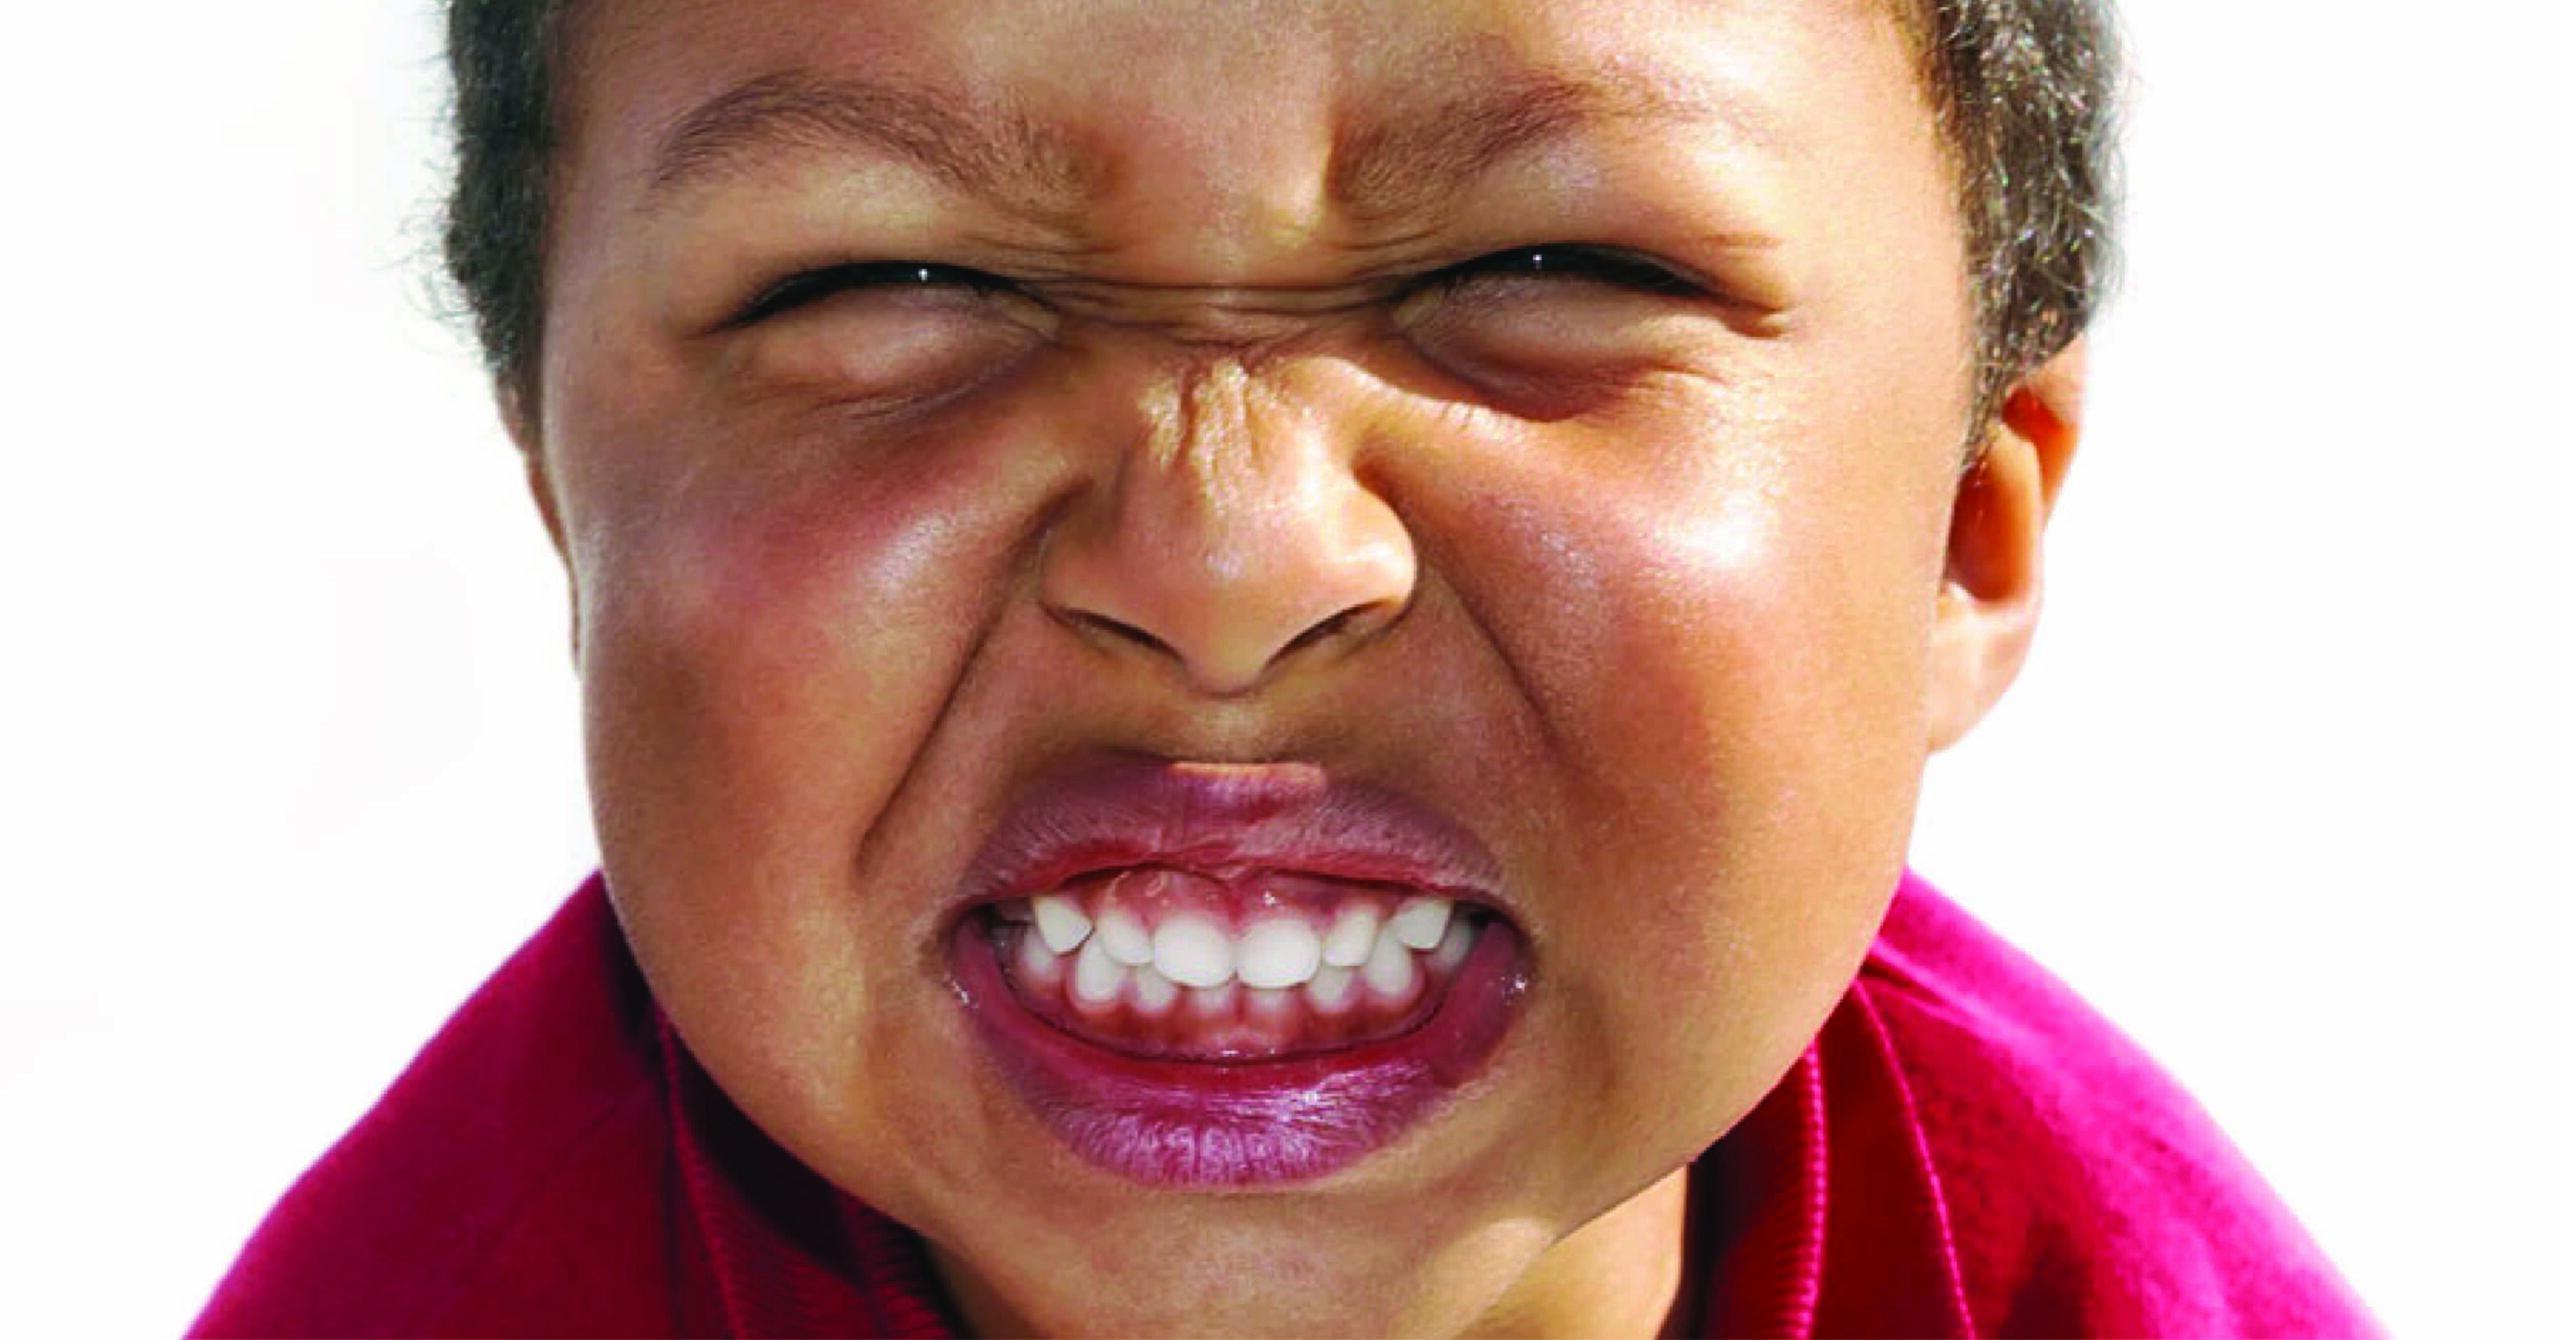 IS TEETH GRINDING IN KIDS NORMAL?